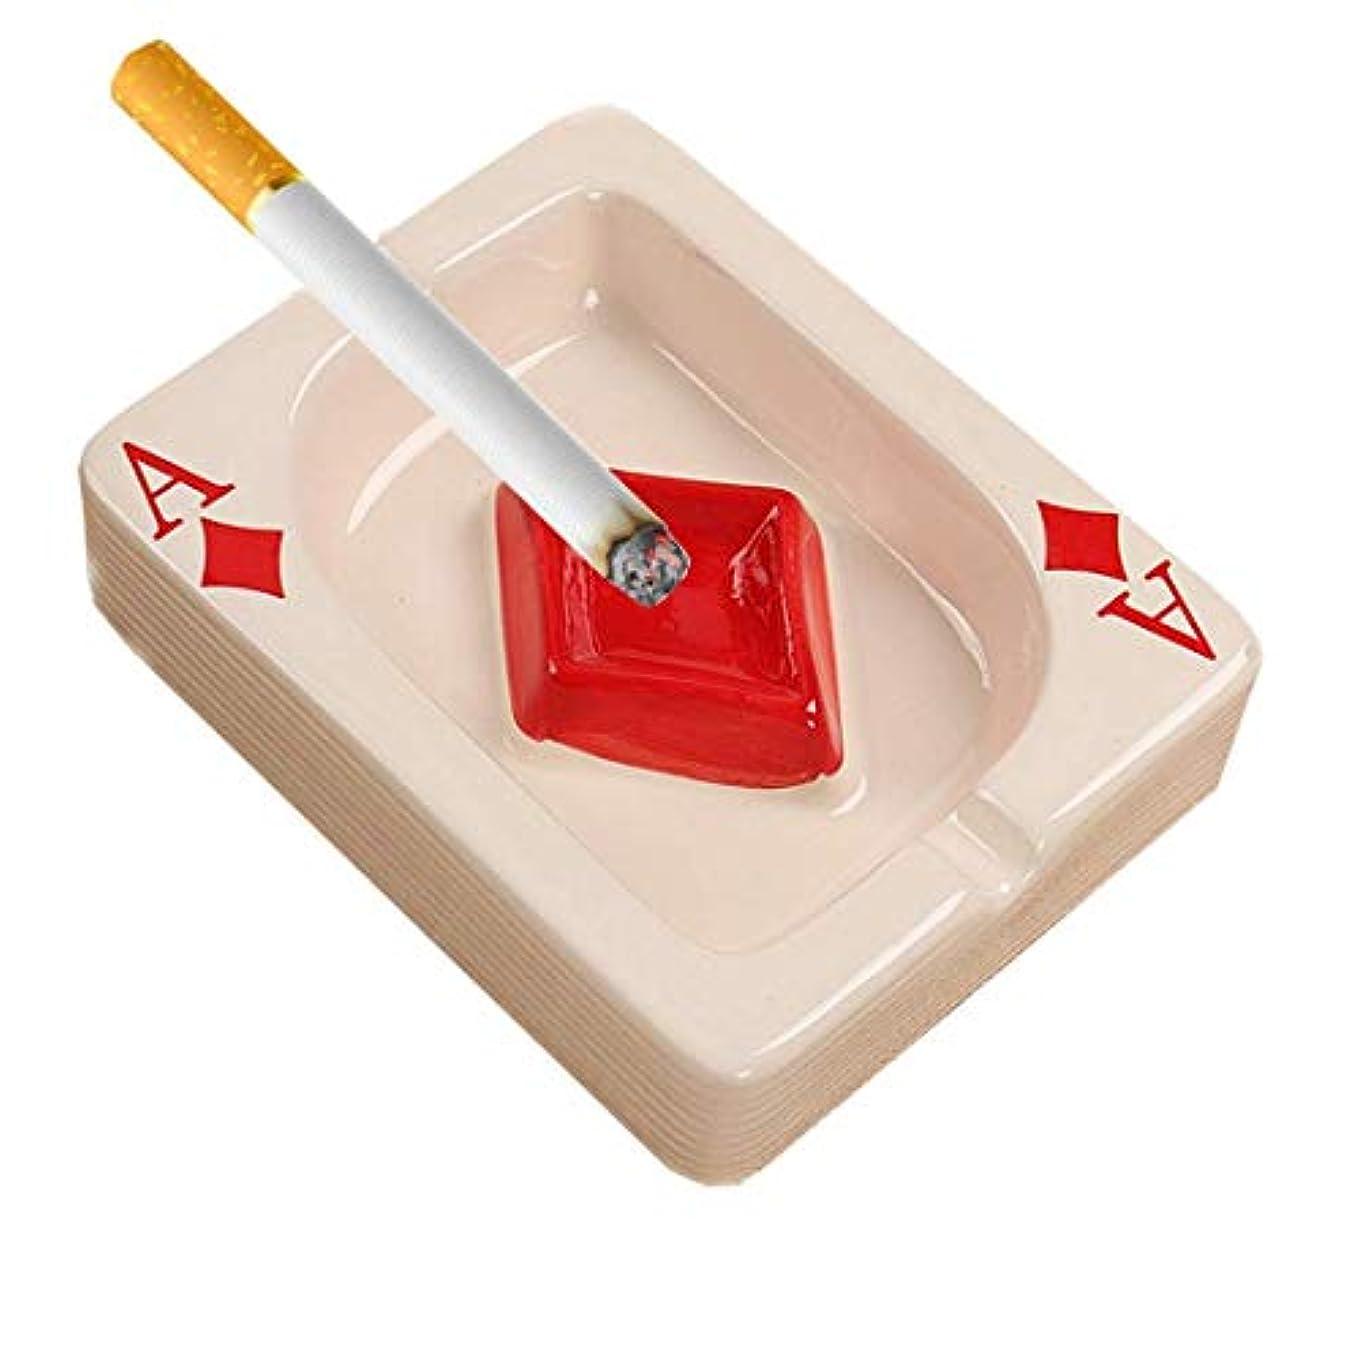 ブロンズ電圧さわやか人々のための灰皿ホームオフィスファッション装飾手作りギフト喫煙屋外屋内デスクトップのためのクリエイティブセラミックたばこの灰皿卓上ポータブル現代灰皿ポーカーシガー灰皿